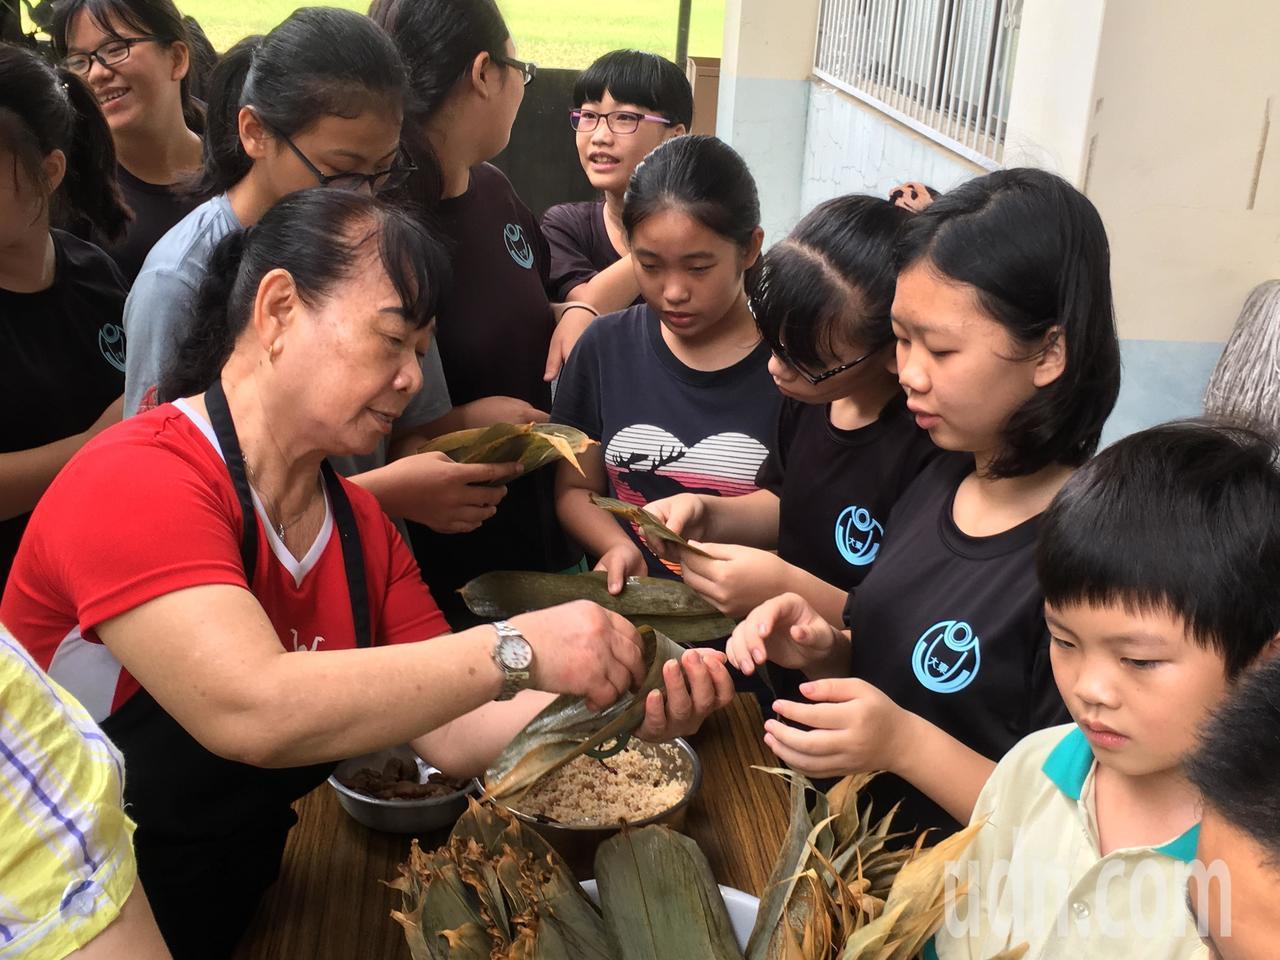 雲林縣斗南鎮農會為幫助弱勢,今天邀請大東國小學生一起包粽子,包好的粽子將捐贈給華...